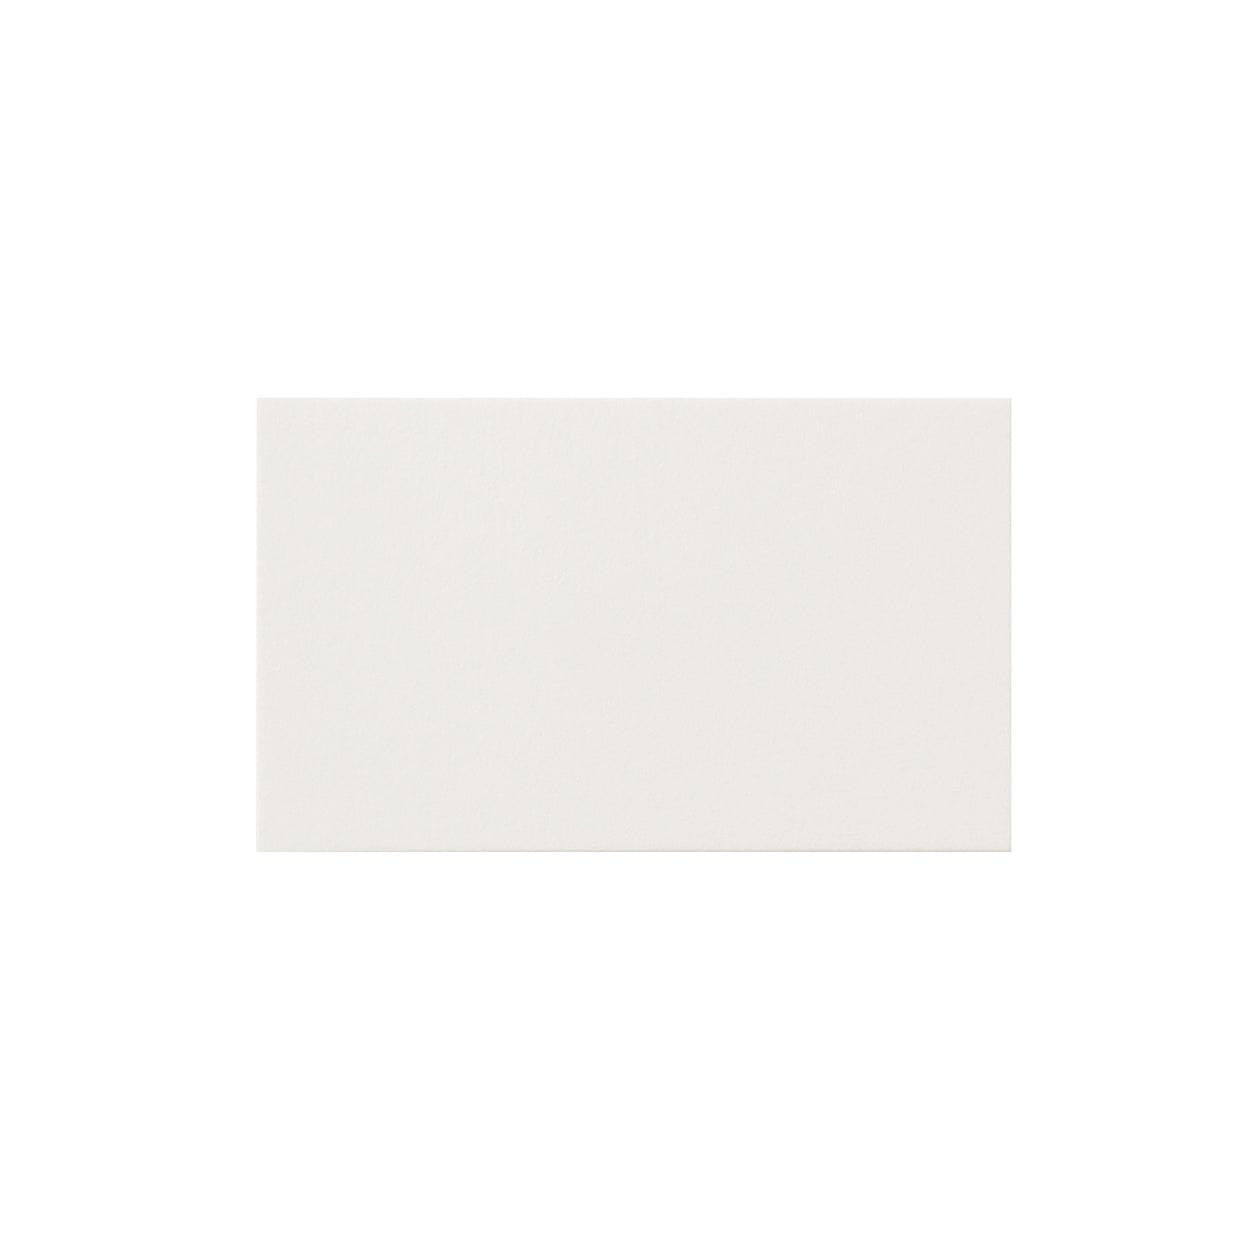 ネームカード 二層合紙スノーホワイト×イエロー